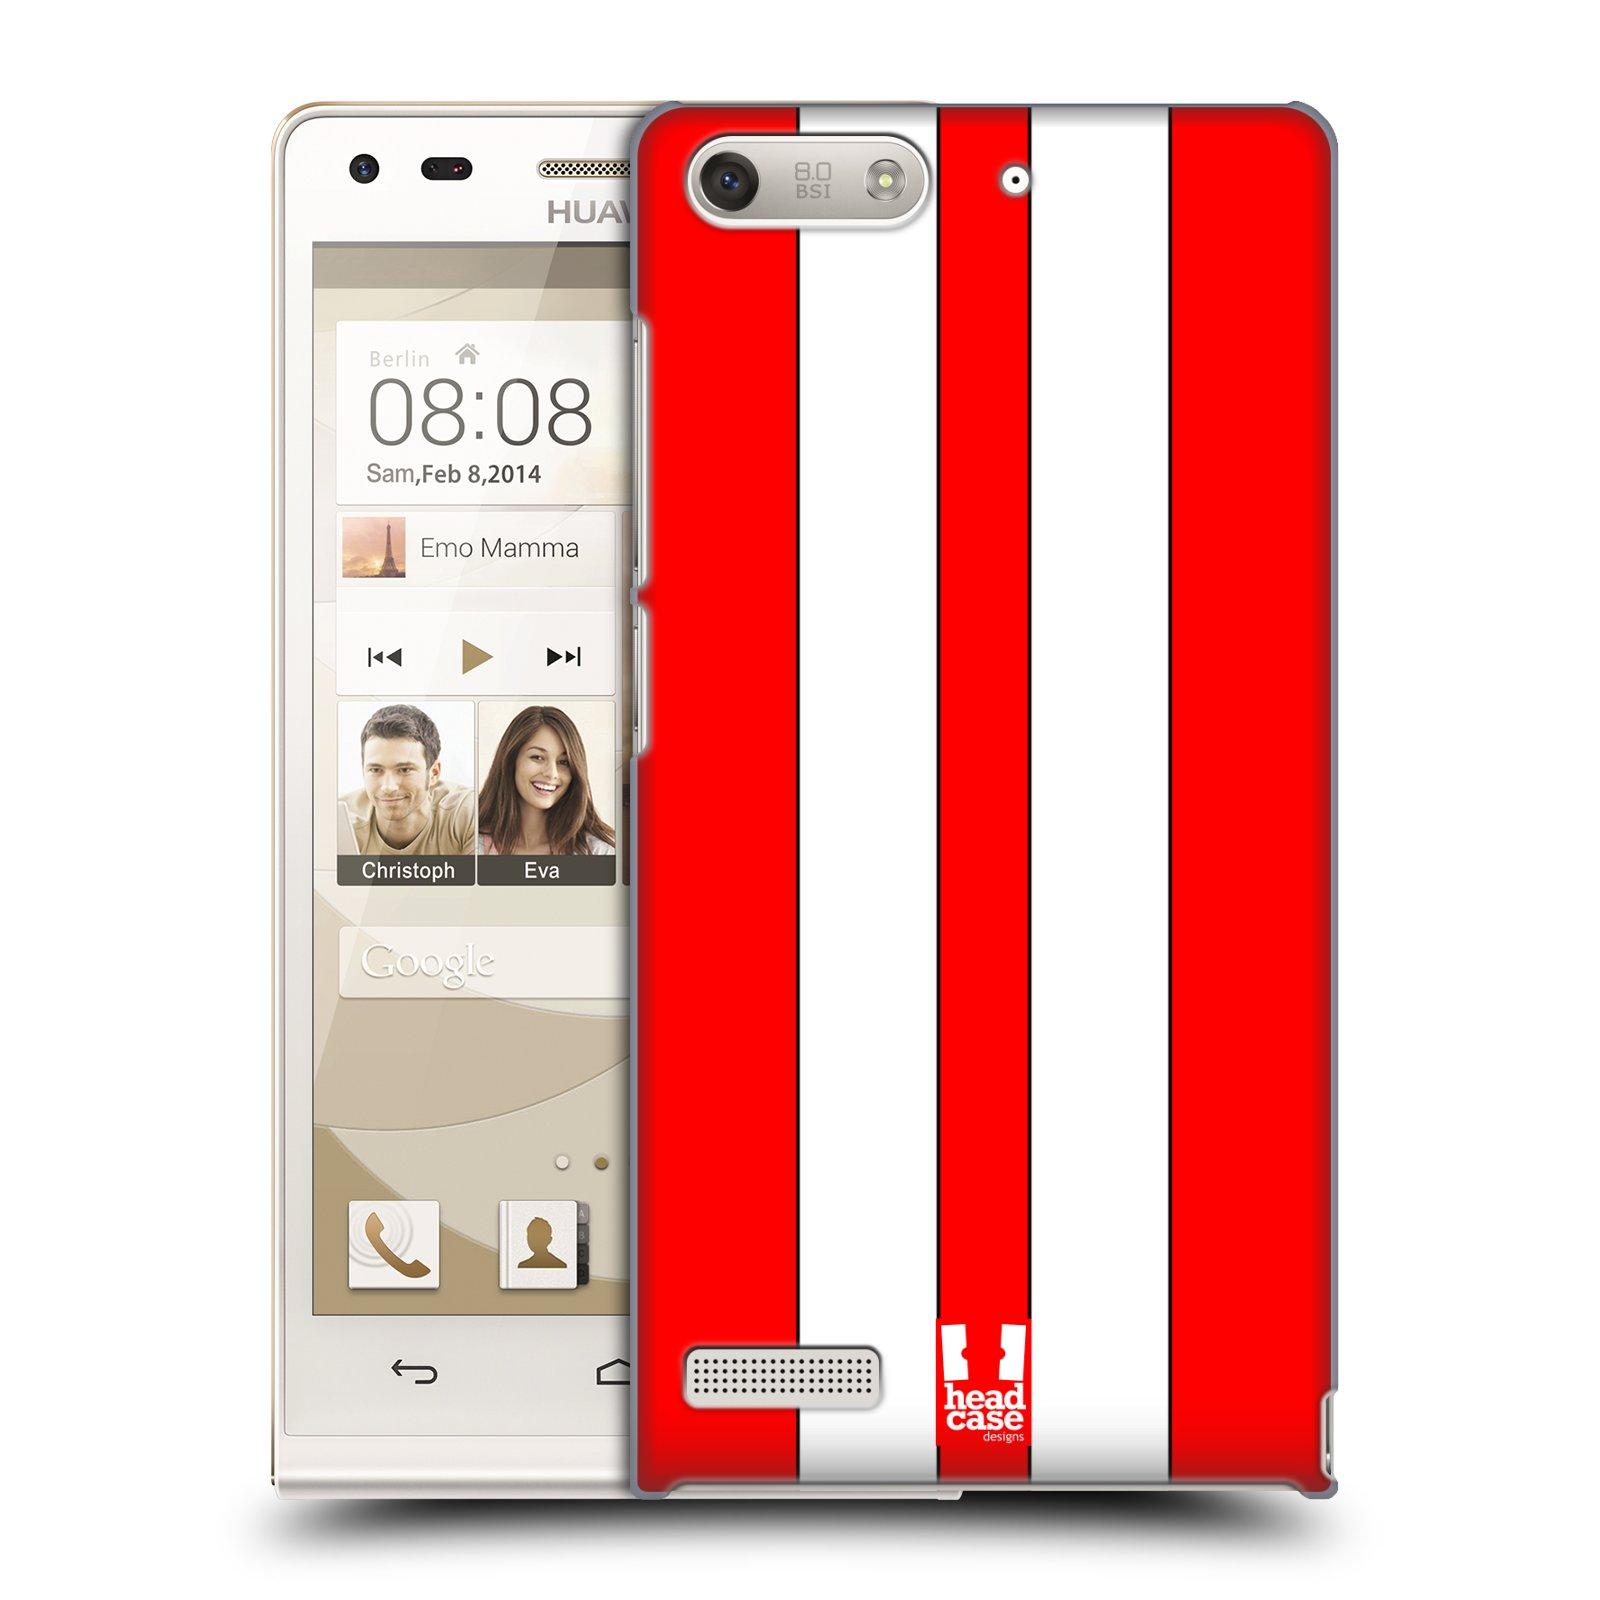 Plastové pouzdro na mobil Huawei Ascend G6 HEAD CASE ČERVENÉ A BÍLÉ PRUHY (Kryt či obal na mobilní telefon Huawei Ascend G6 bez LTE)